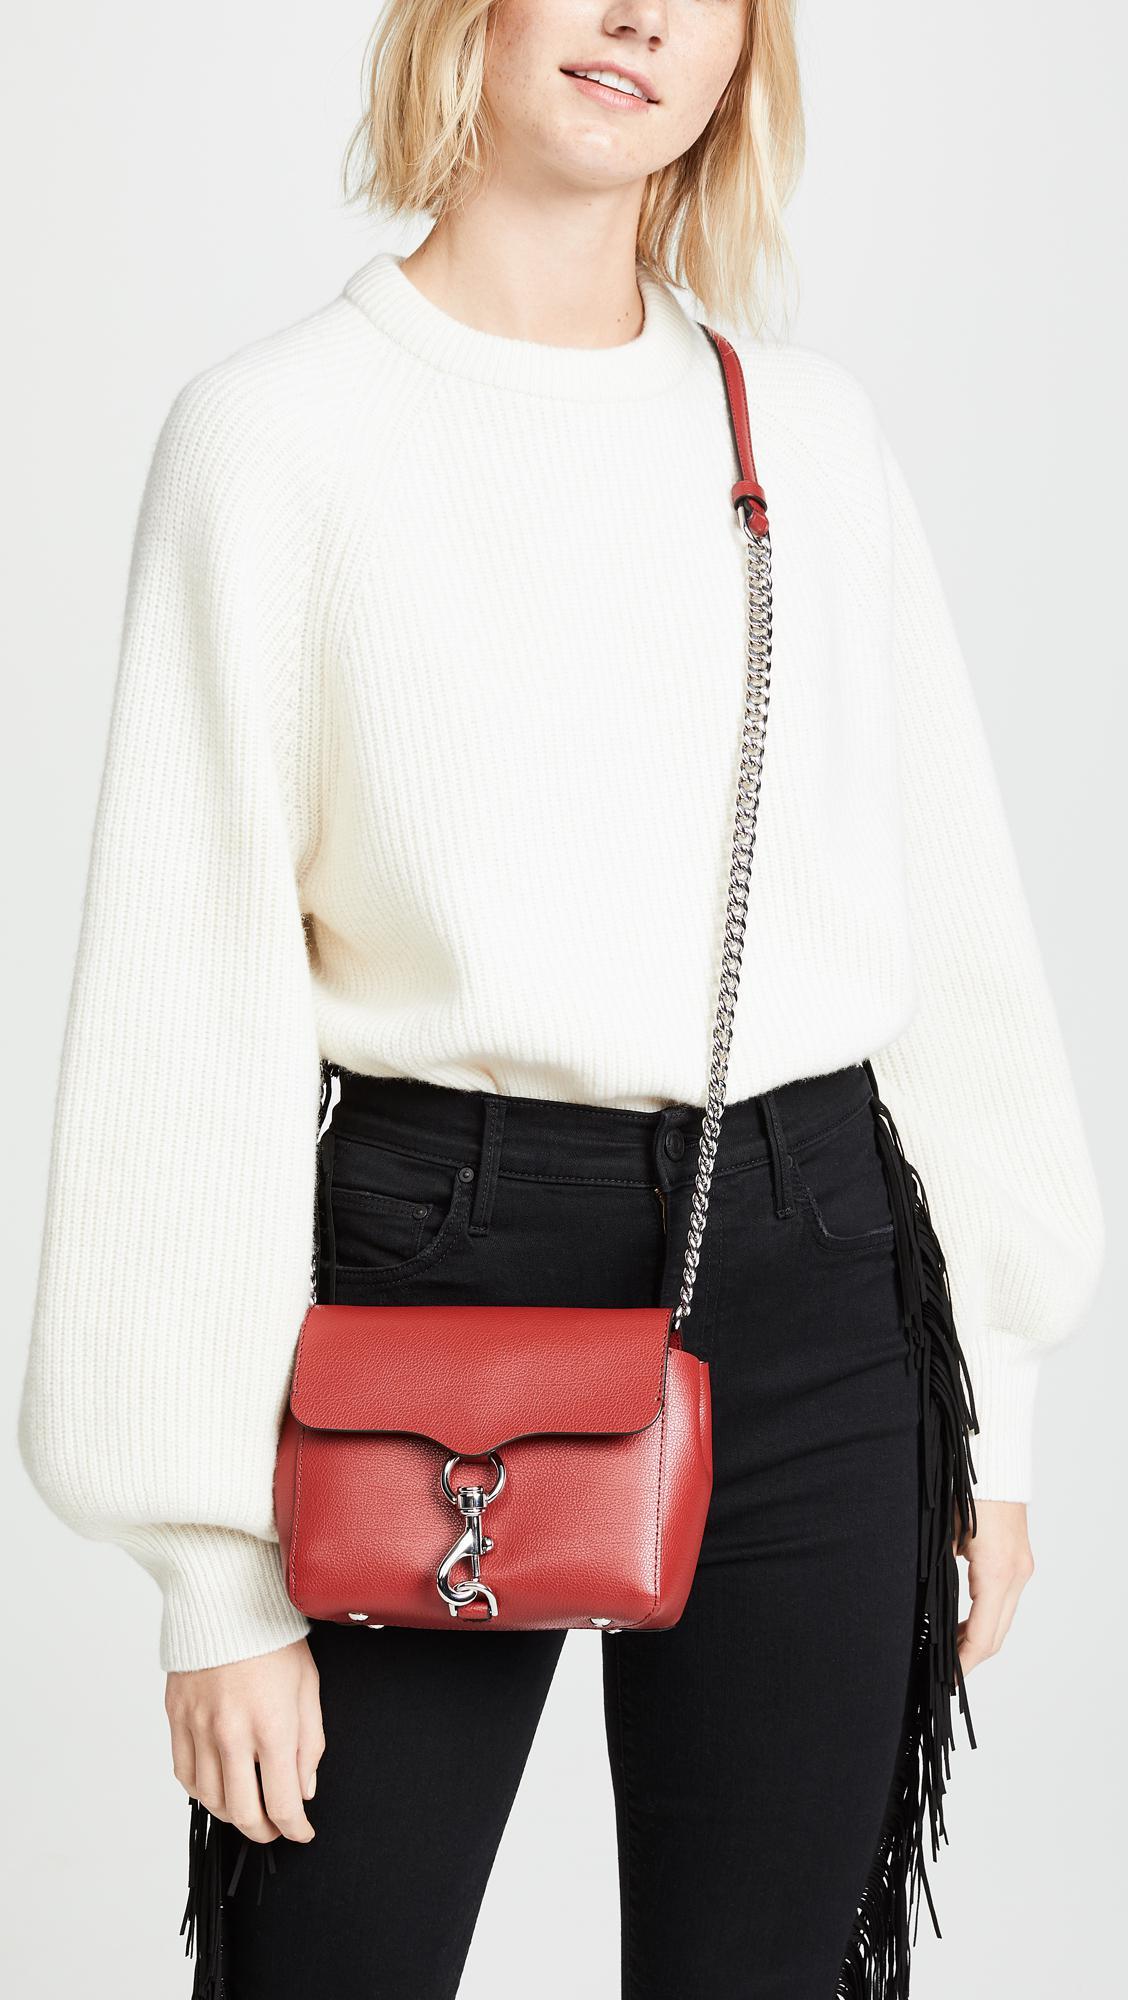 2167f4d8d5d0e Rebecca Minkoff Stella Cross Body Bag in Red - Lyst